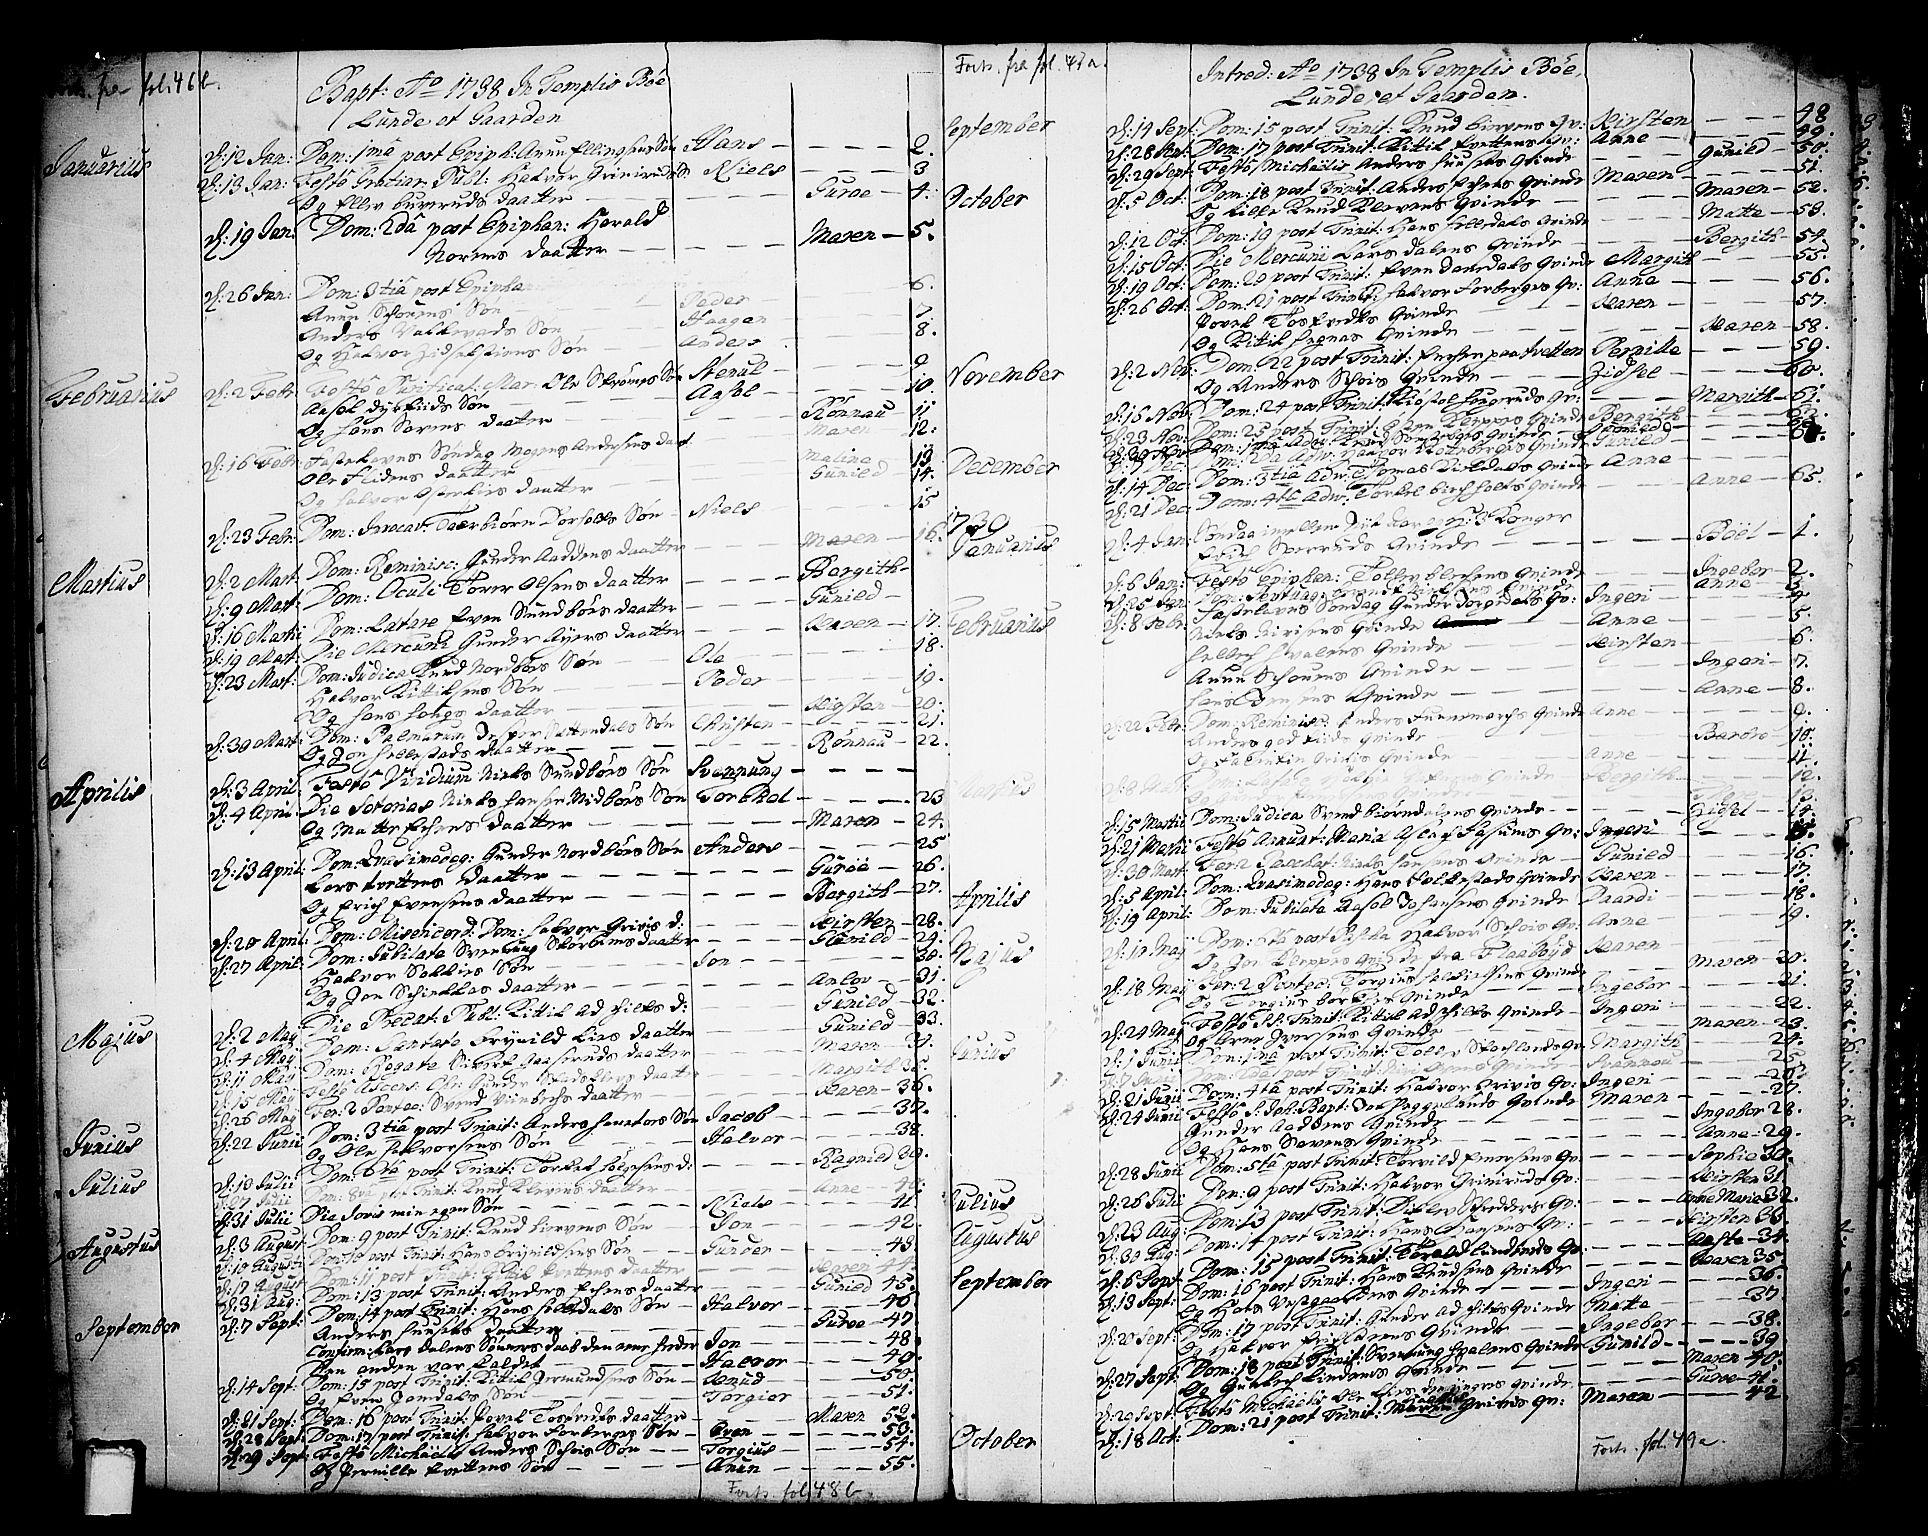 SAKO, Bø kirkebøker, F/Fa/L0003: Ministerialbok nr. 3, 1733-1748, s. 48